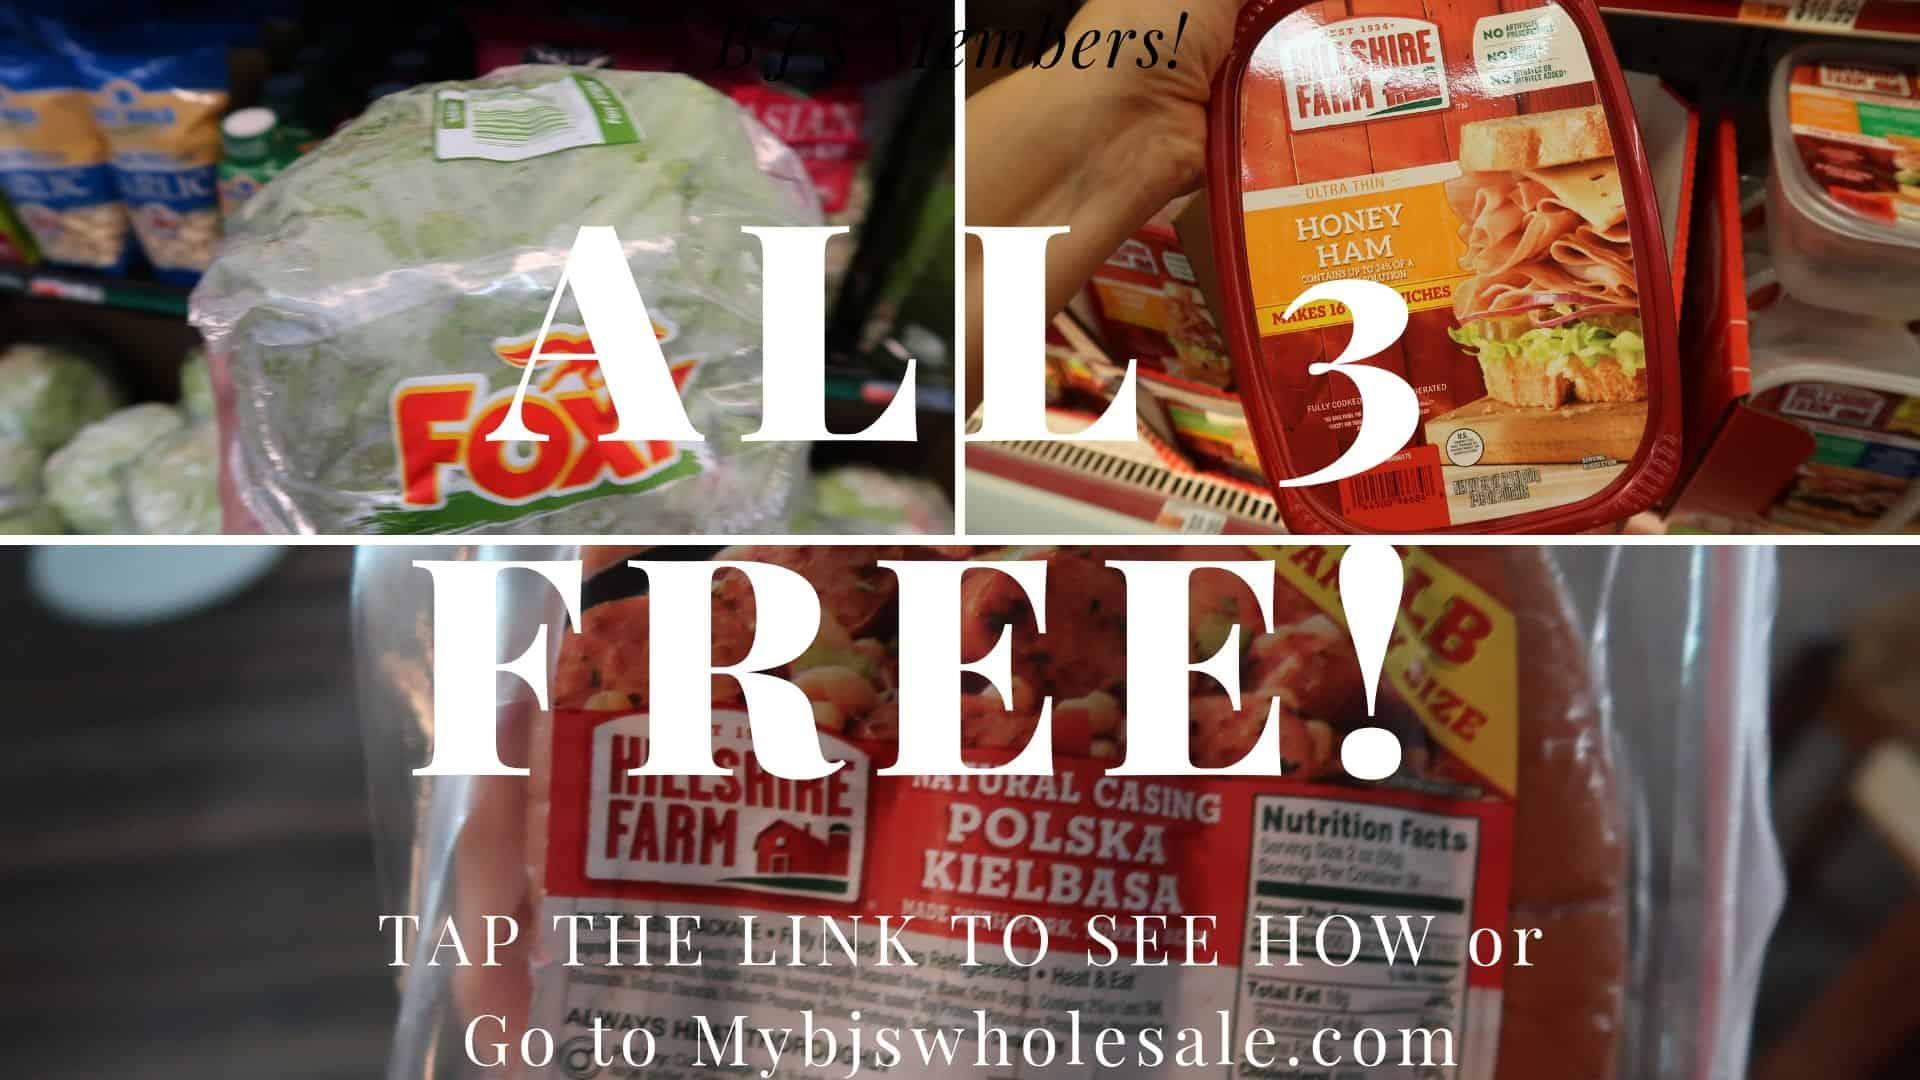 free stuff at bjs this week